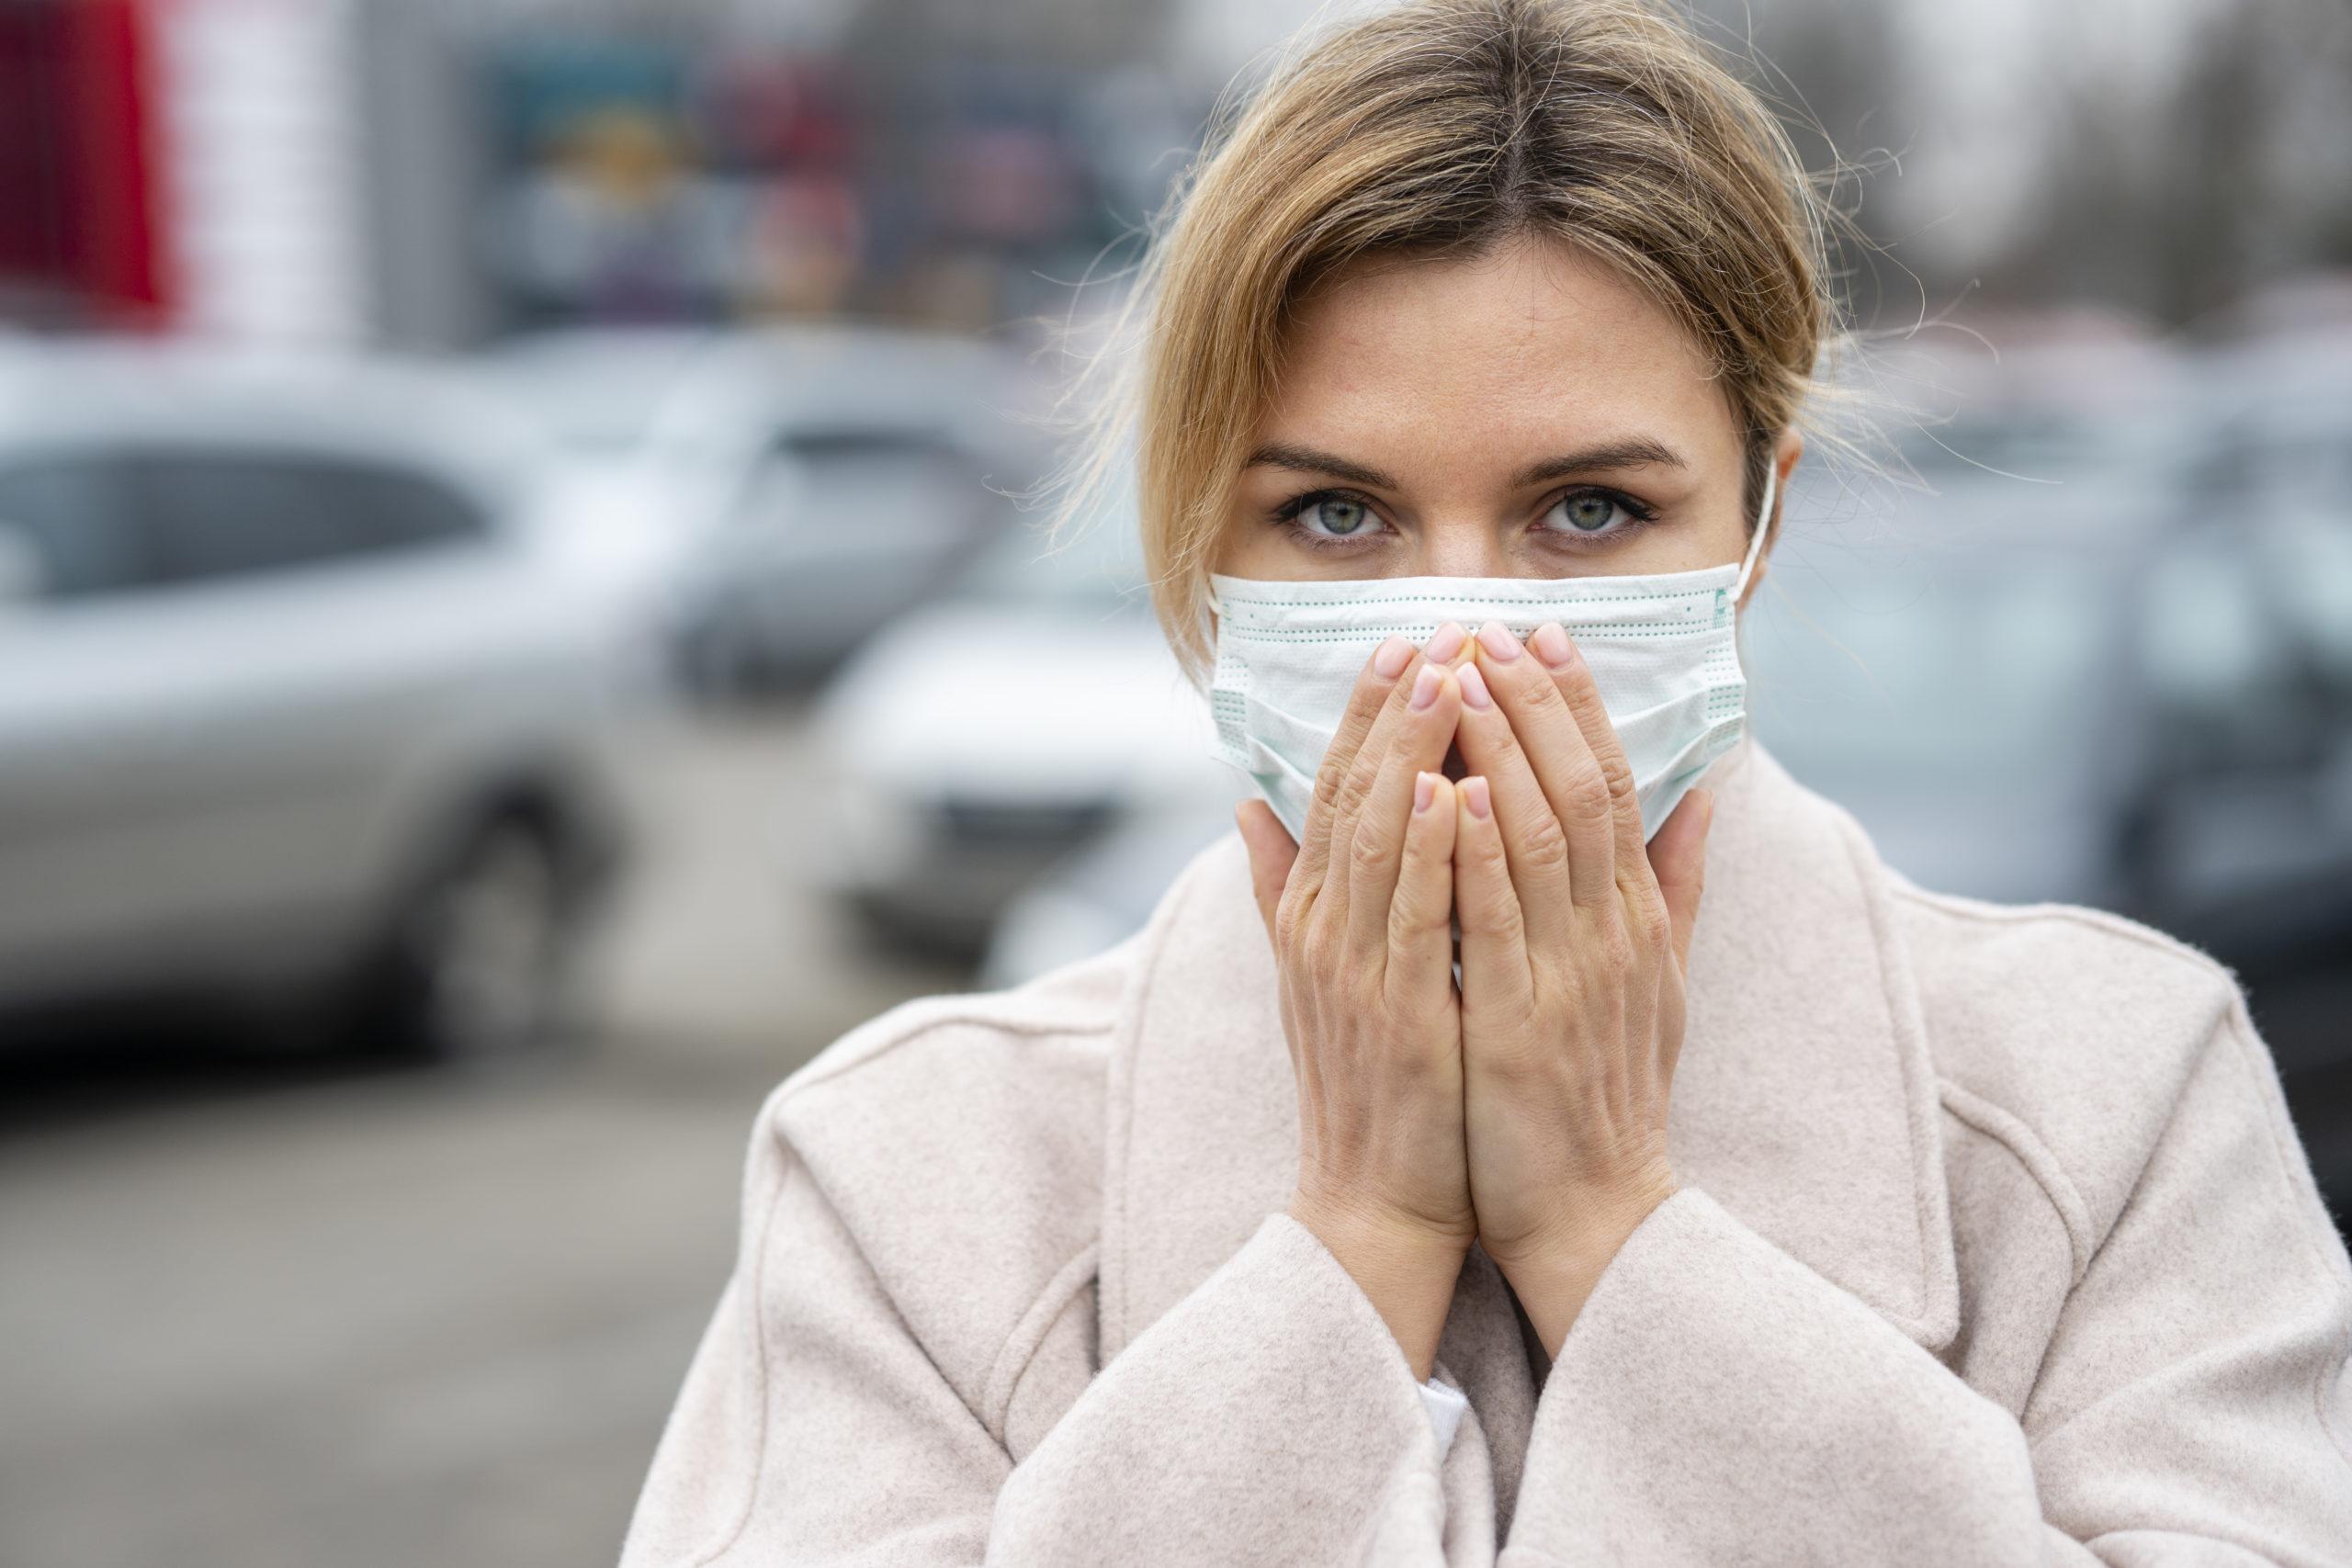 Inquinamento e Covis, che fare?